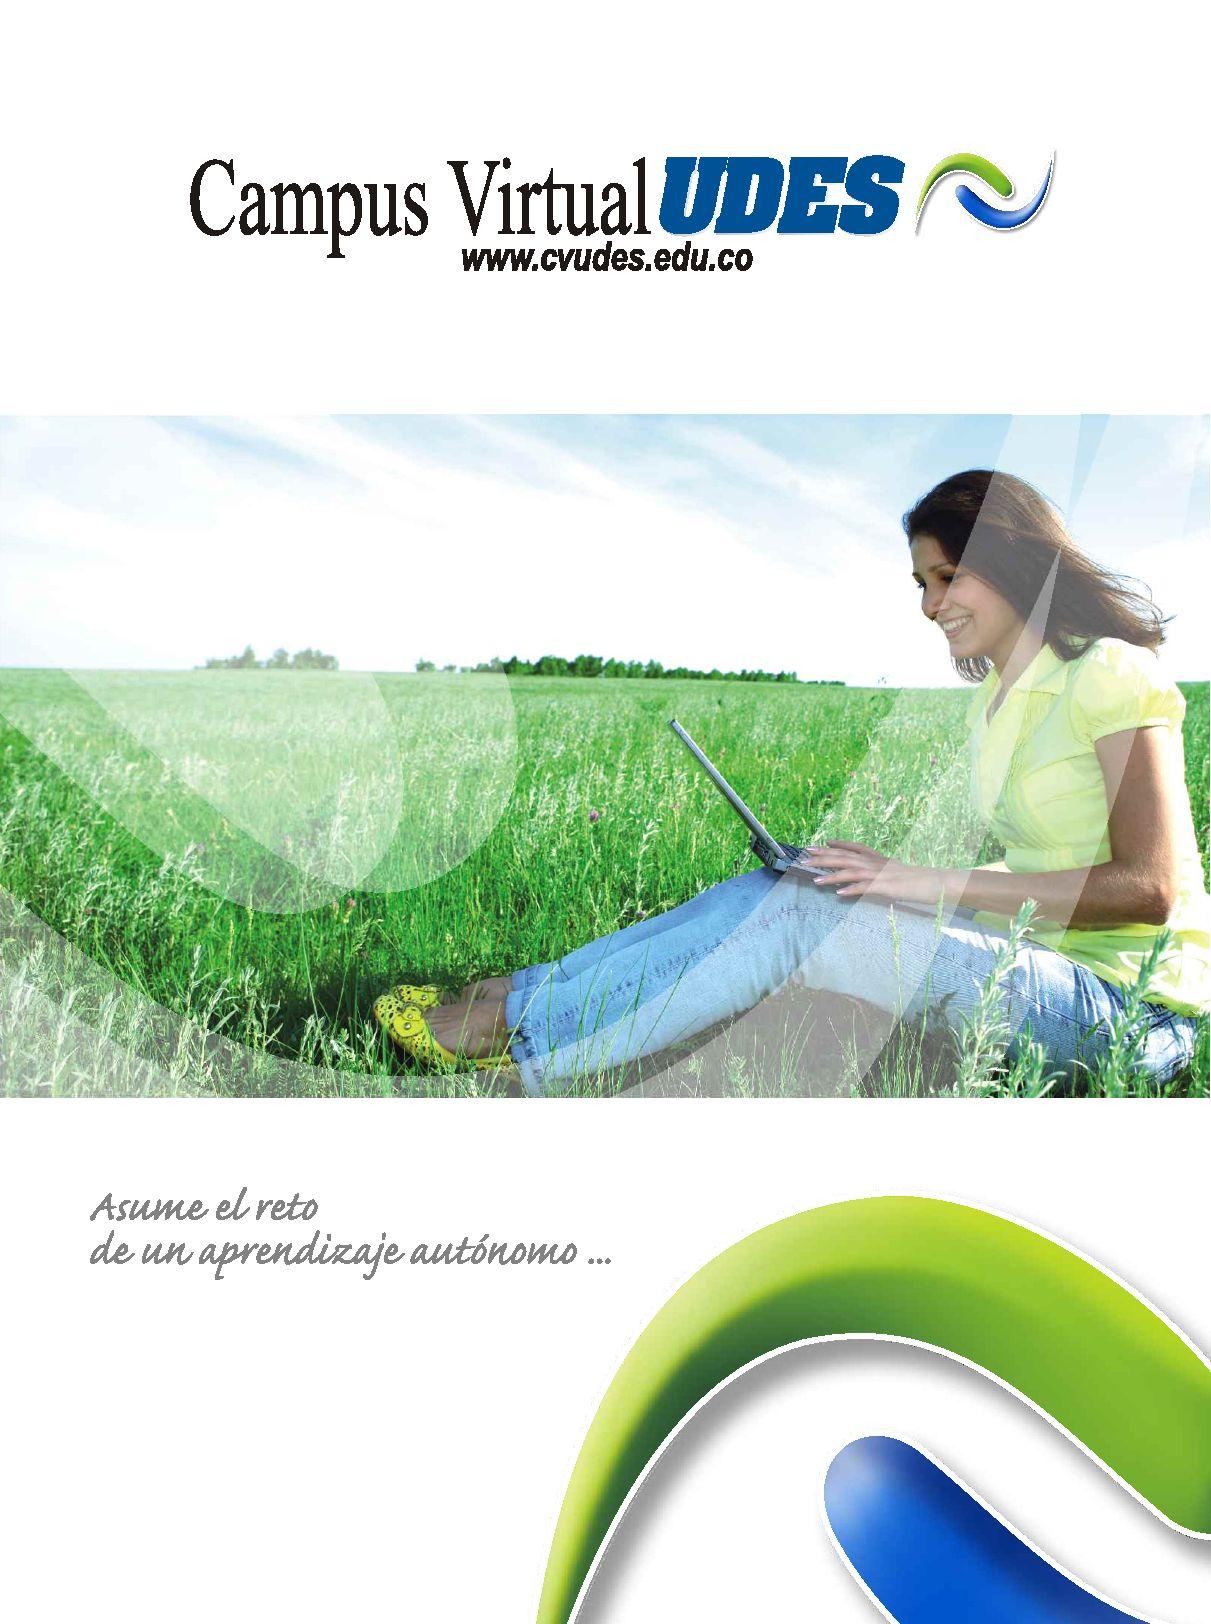 brochure cv udes 2008 by administrador cvudes